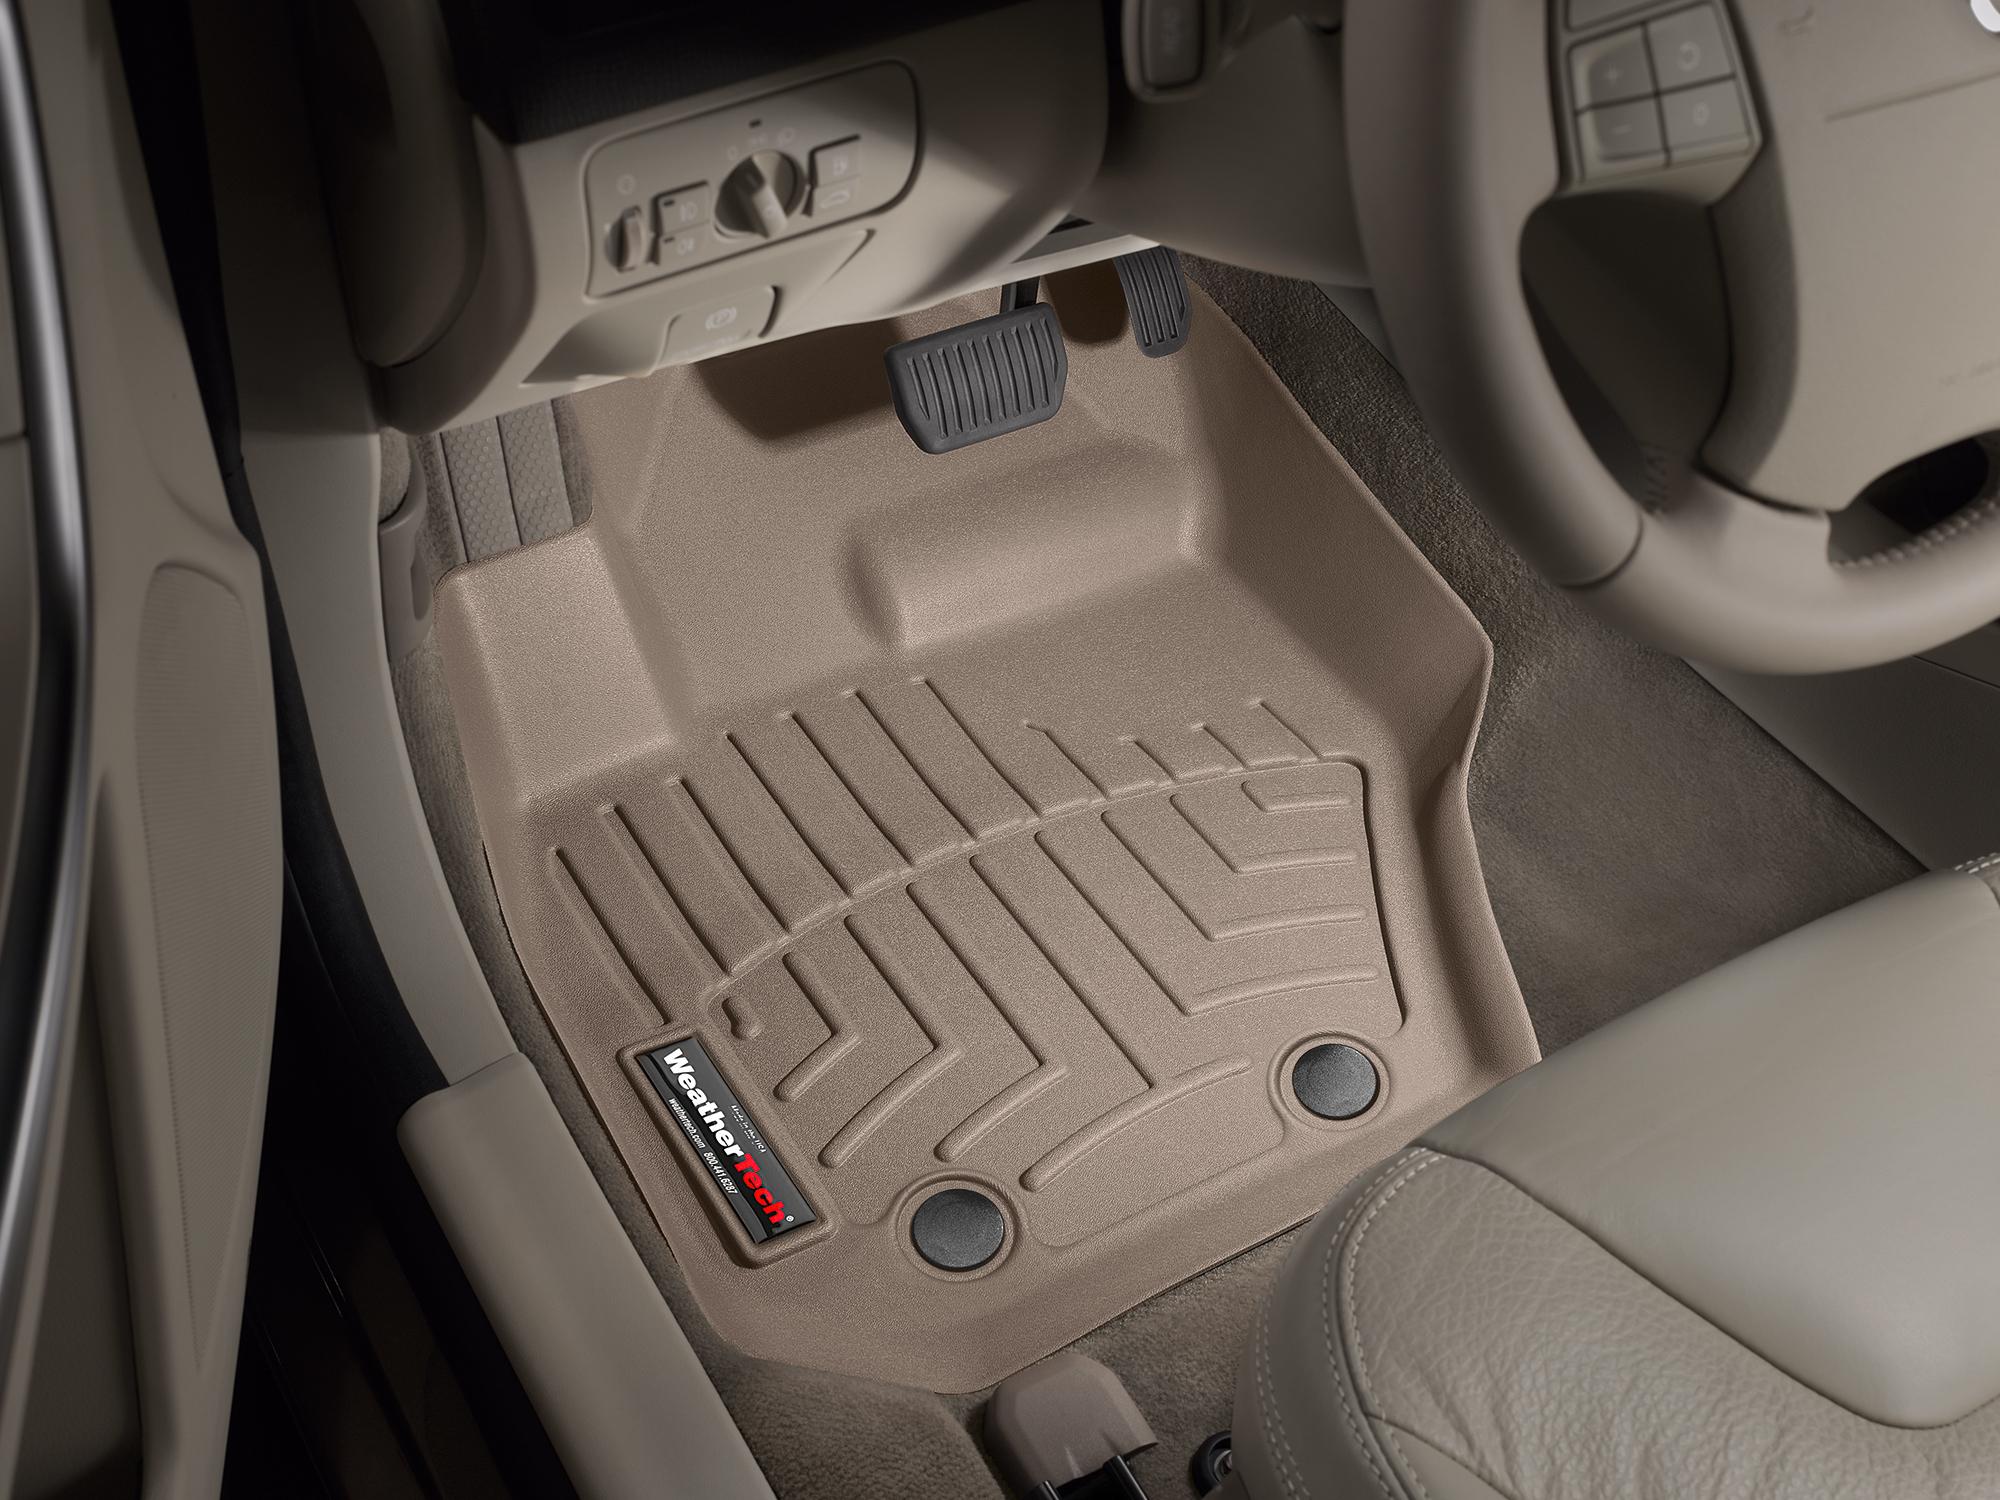 Tappeti gomma su misura bordo alto Volvo XC60 08>17 Marrone A4421*